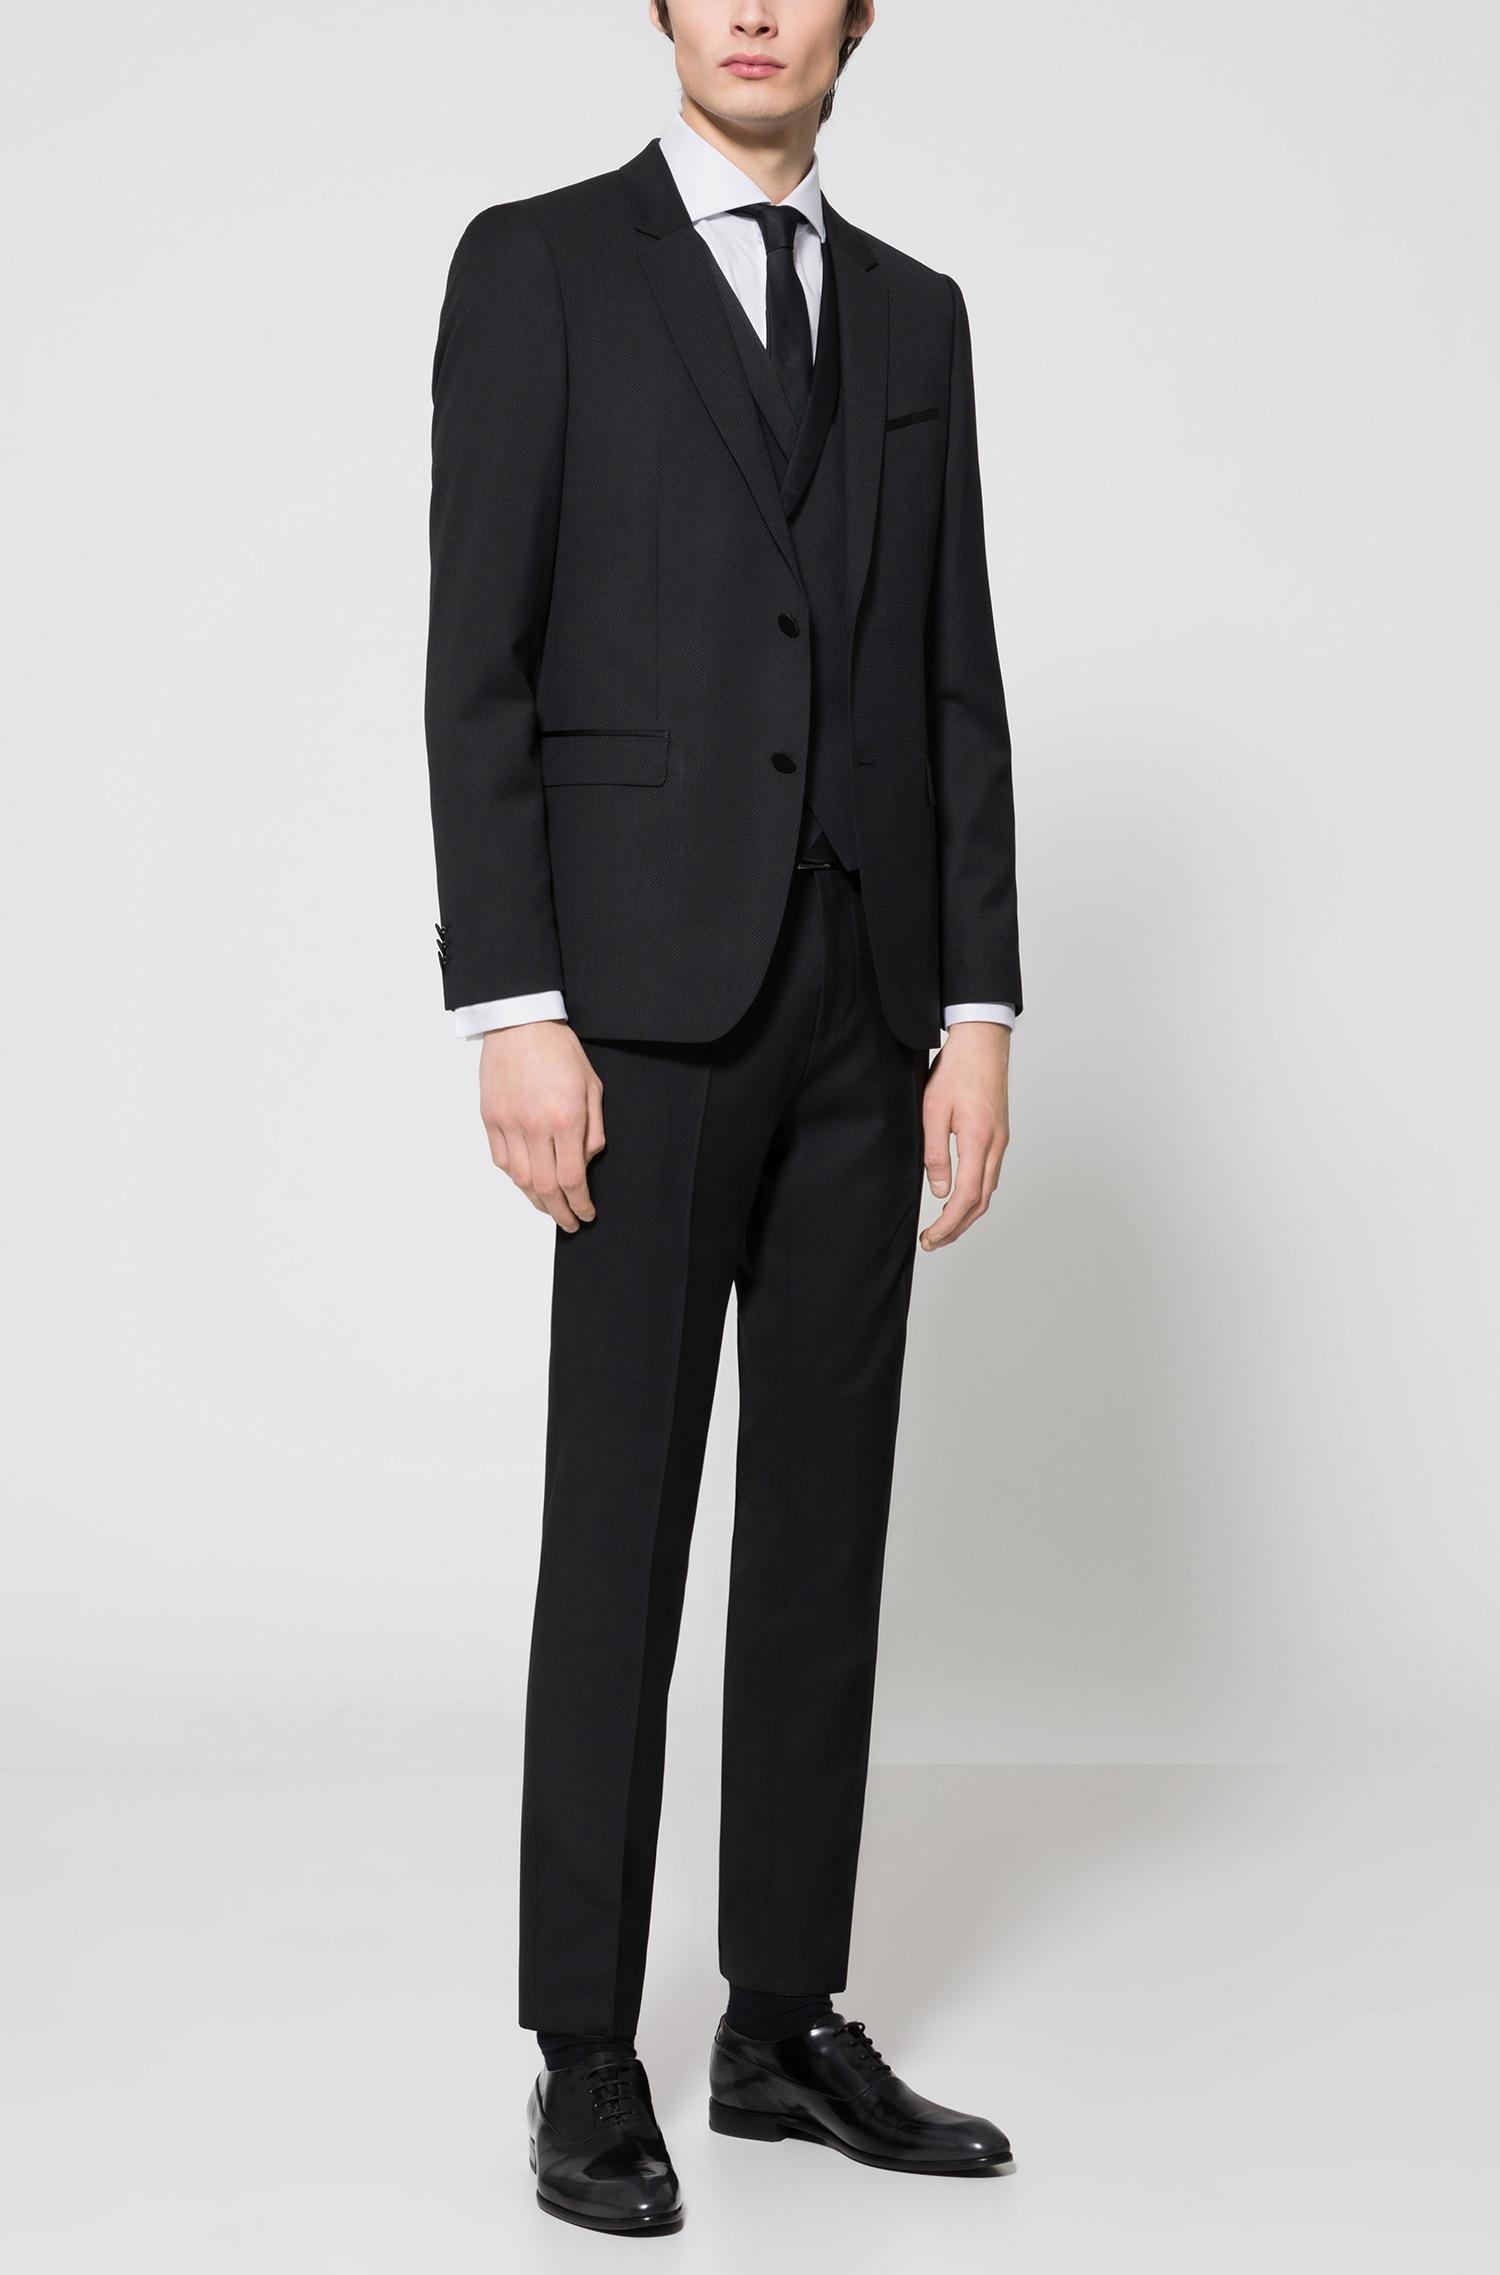 Abito da sposo Hugo Boss con gilet extra slim fit in lana vergine a disegni con guarnizioni in seta